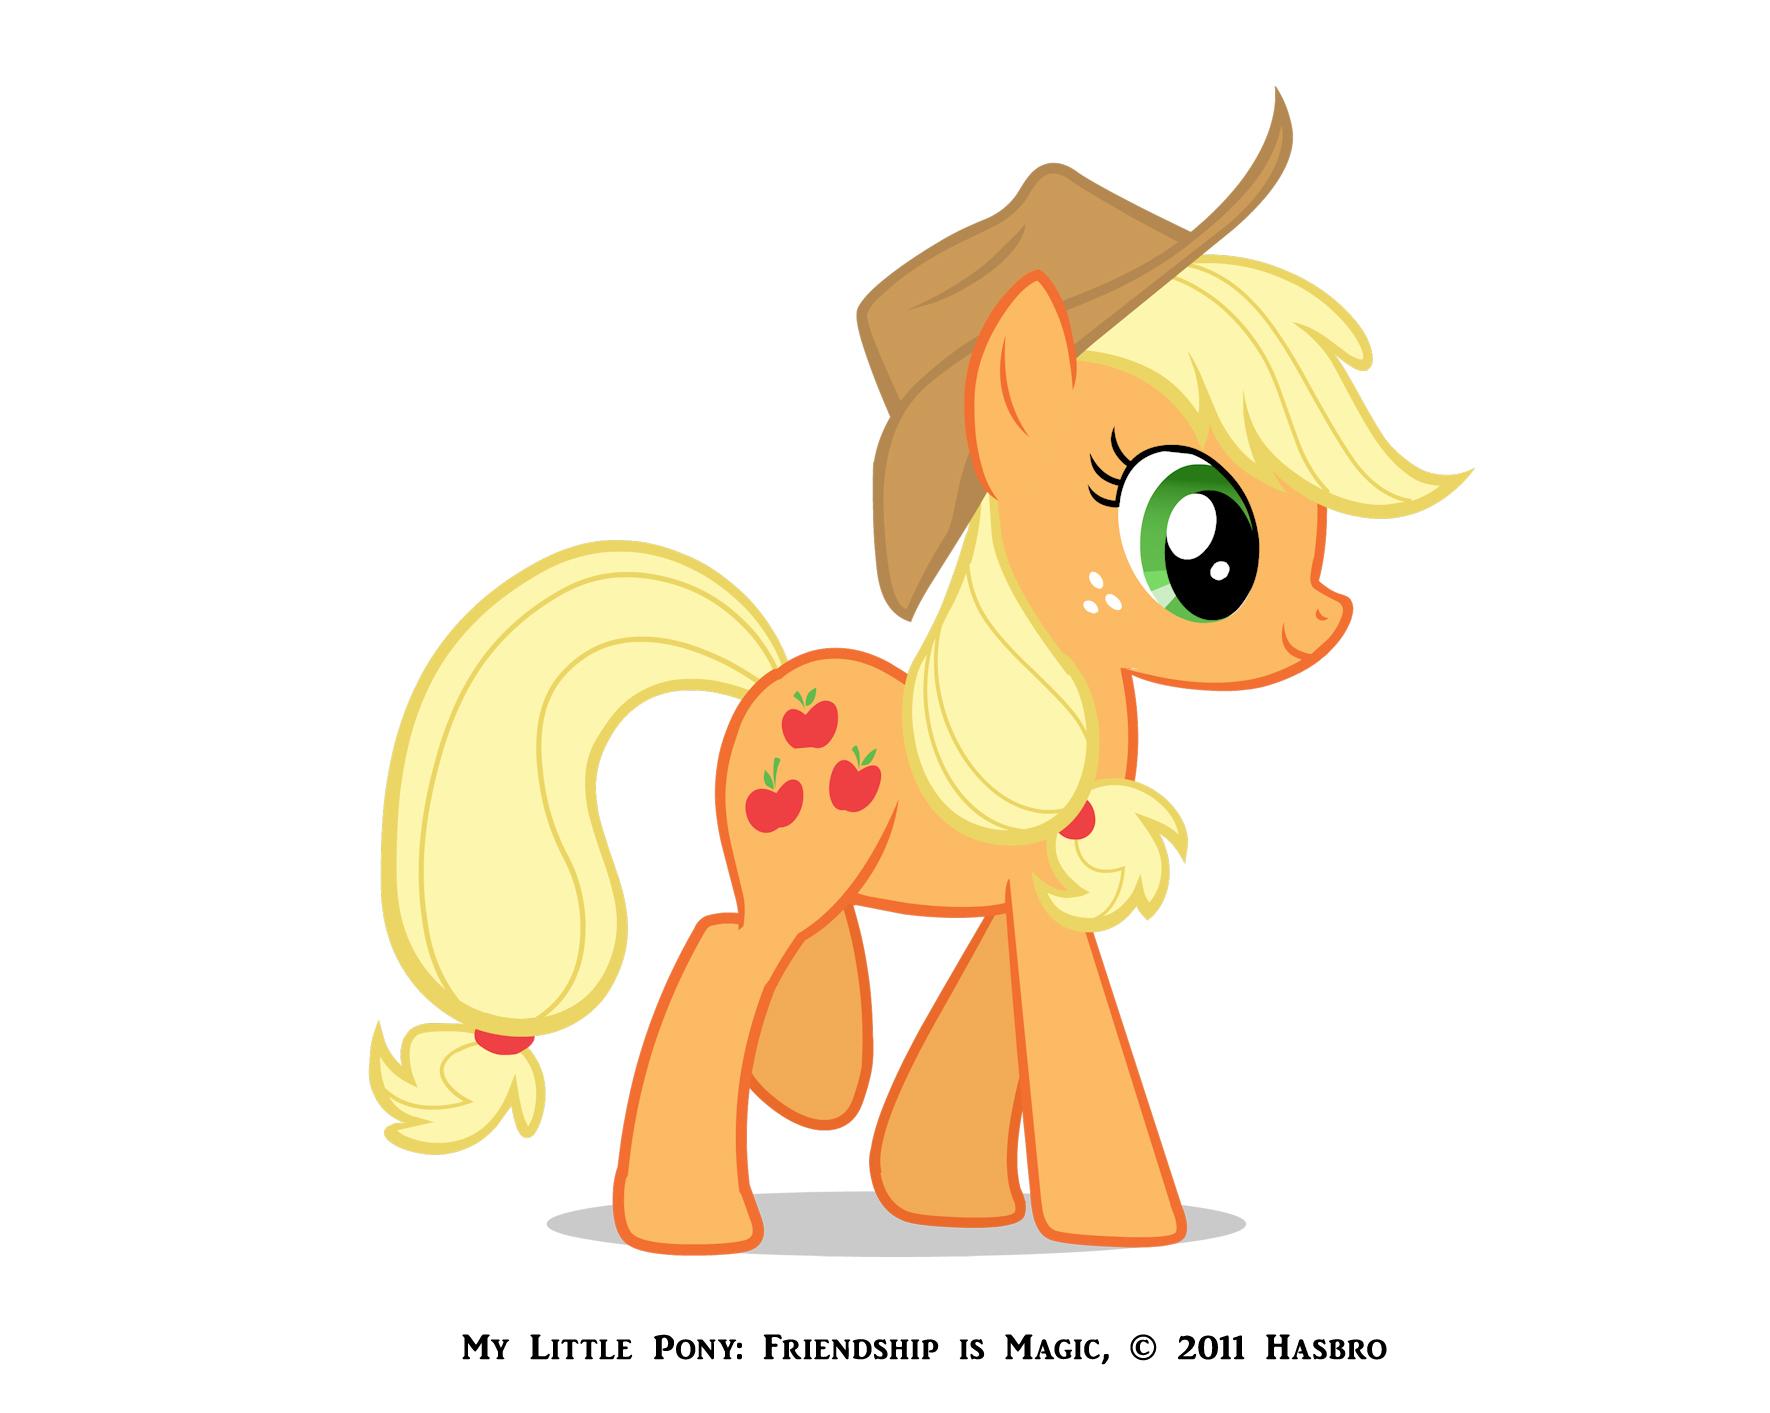 تقرير كامل عن ماي ليتل بوني My little pony applejackreference.j